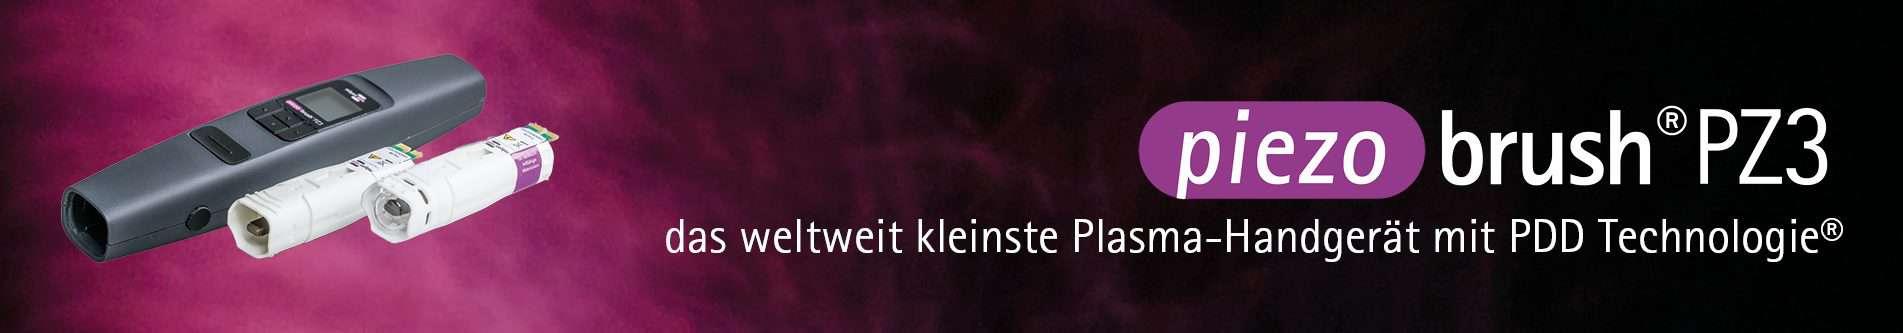 piezobrush® PZ3 nun verfügbar